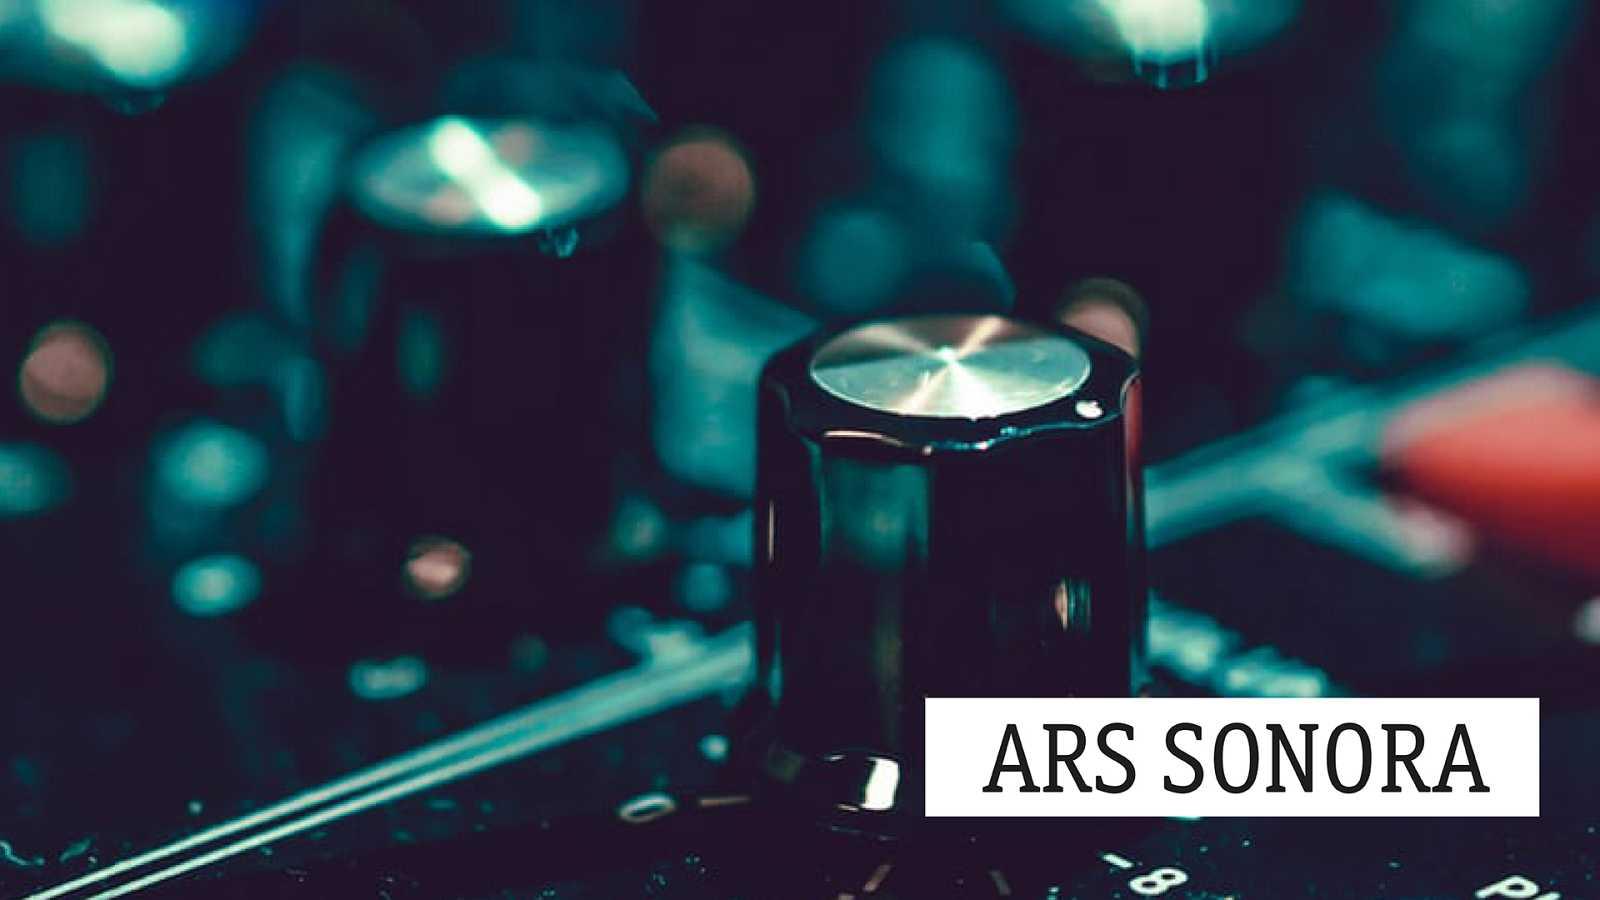 Ars sonora - A la escucha del virus, IV (el mundo y sus interferencias) - 16/05/20 - escuchar ahora